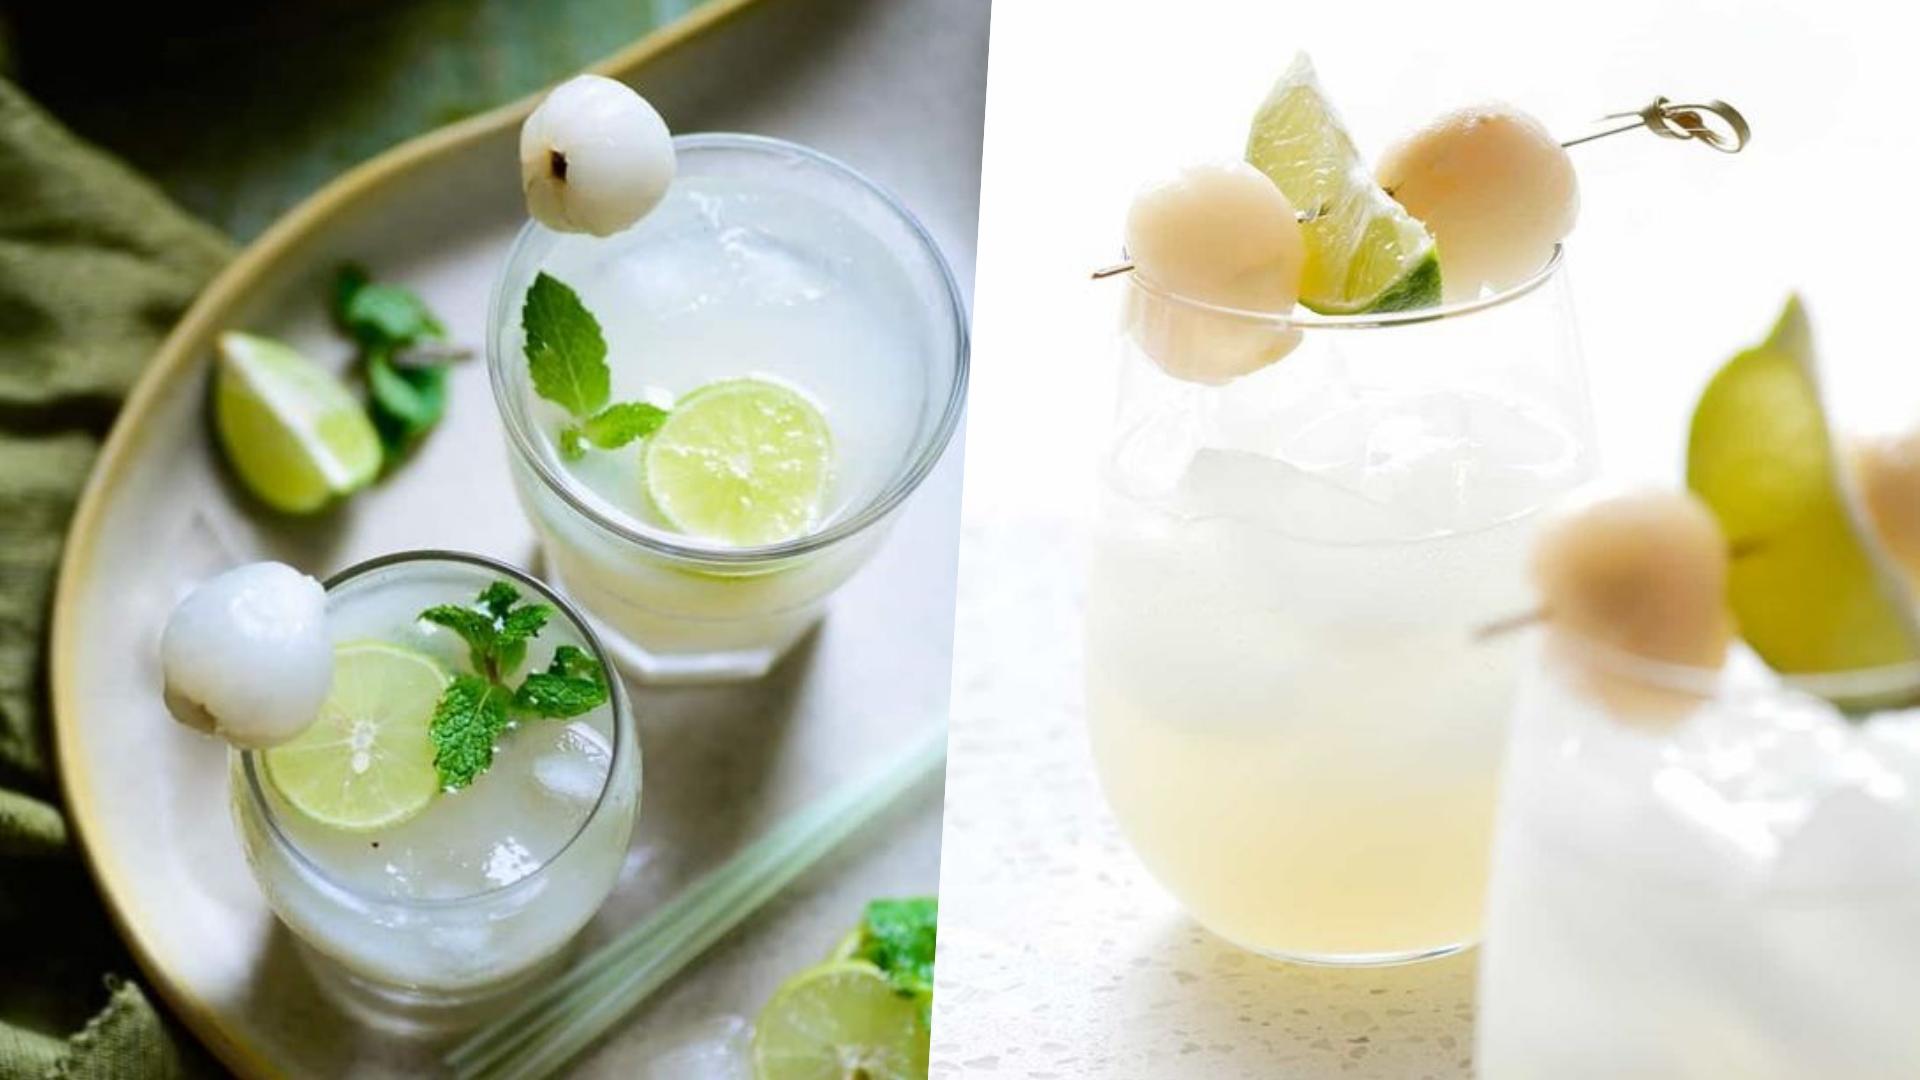 荔枝的甜蜜搭配蘇打水的清爽,夏天喝好消暑!